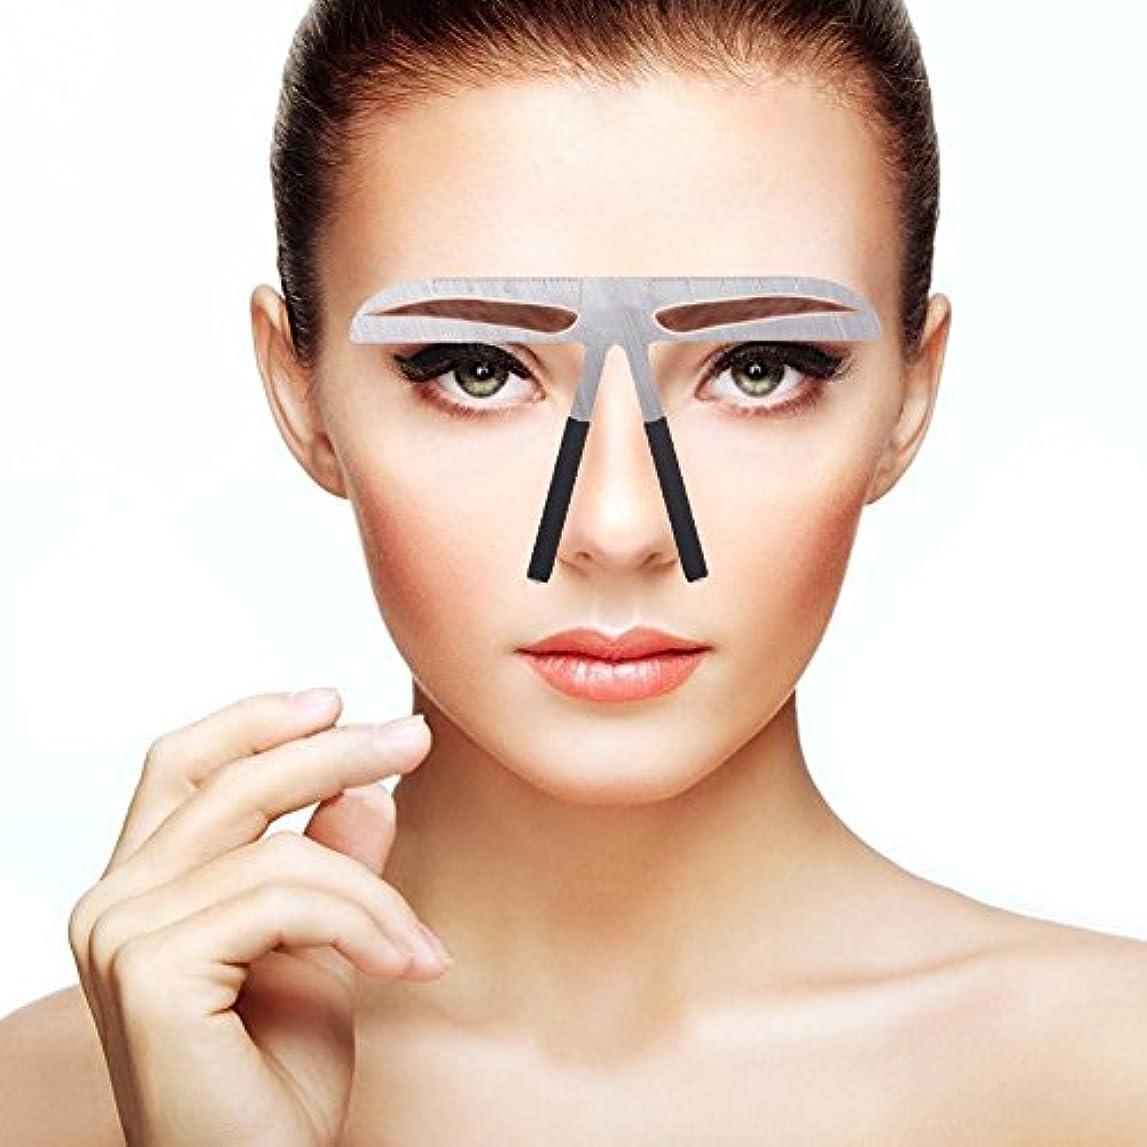 ペルソナ不良神経衰弱眉毛テンプレート、眉用ステンシル メイクアップ 美容ツール アイブローテンプレート アートメイク用定規 左右対称 位置決め 繰り返し使用 便利 初心者眉の補助器 男女兼用(02)